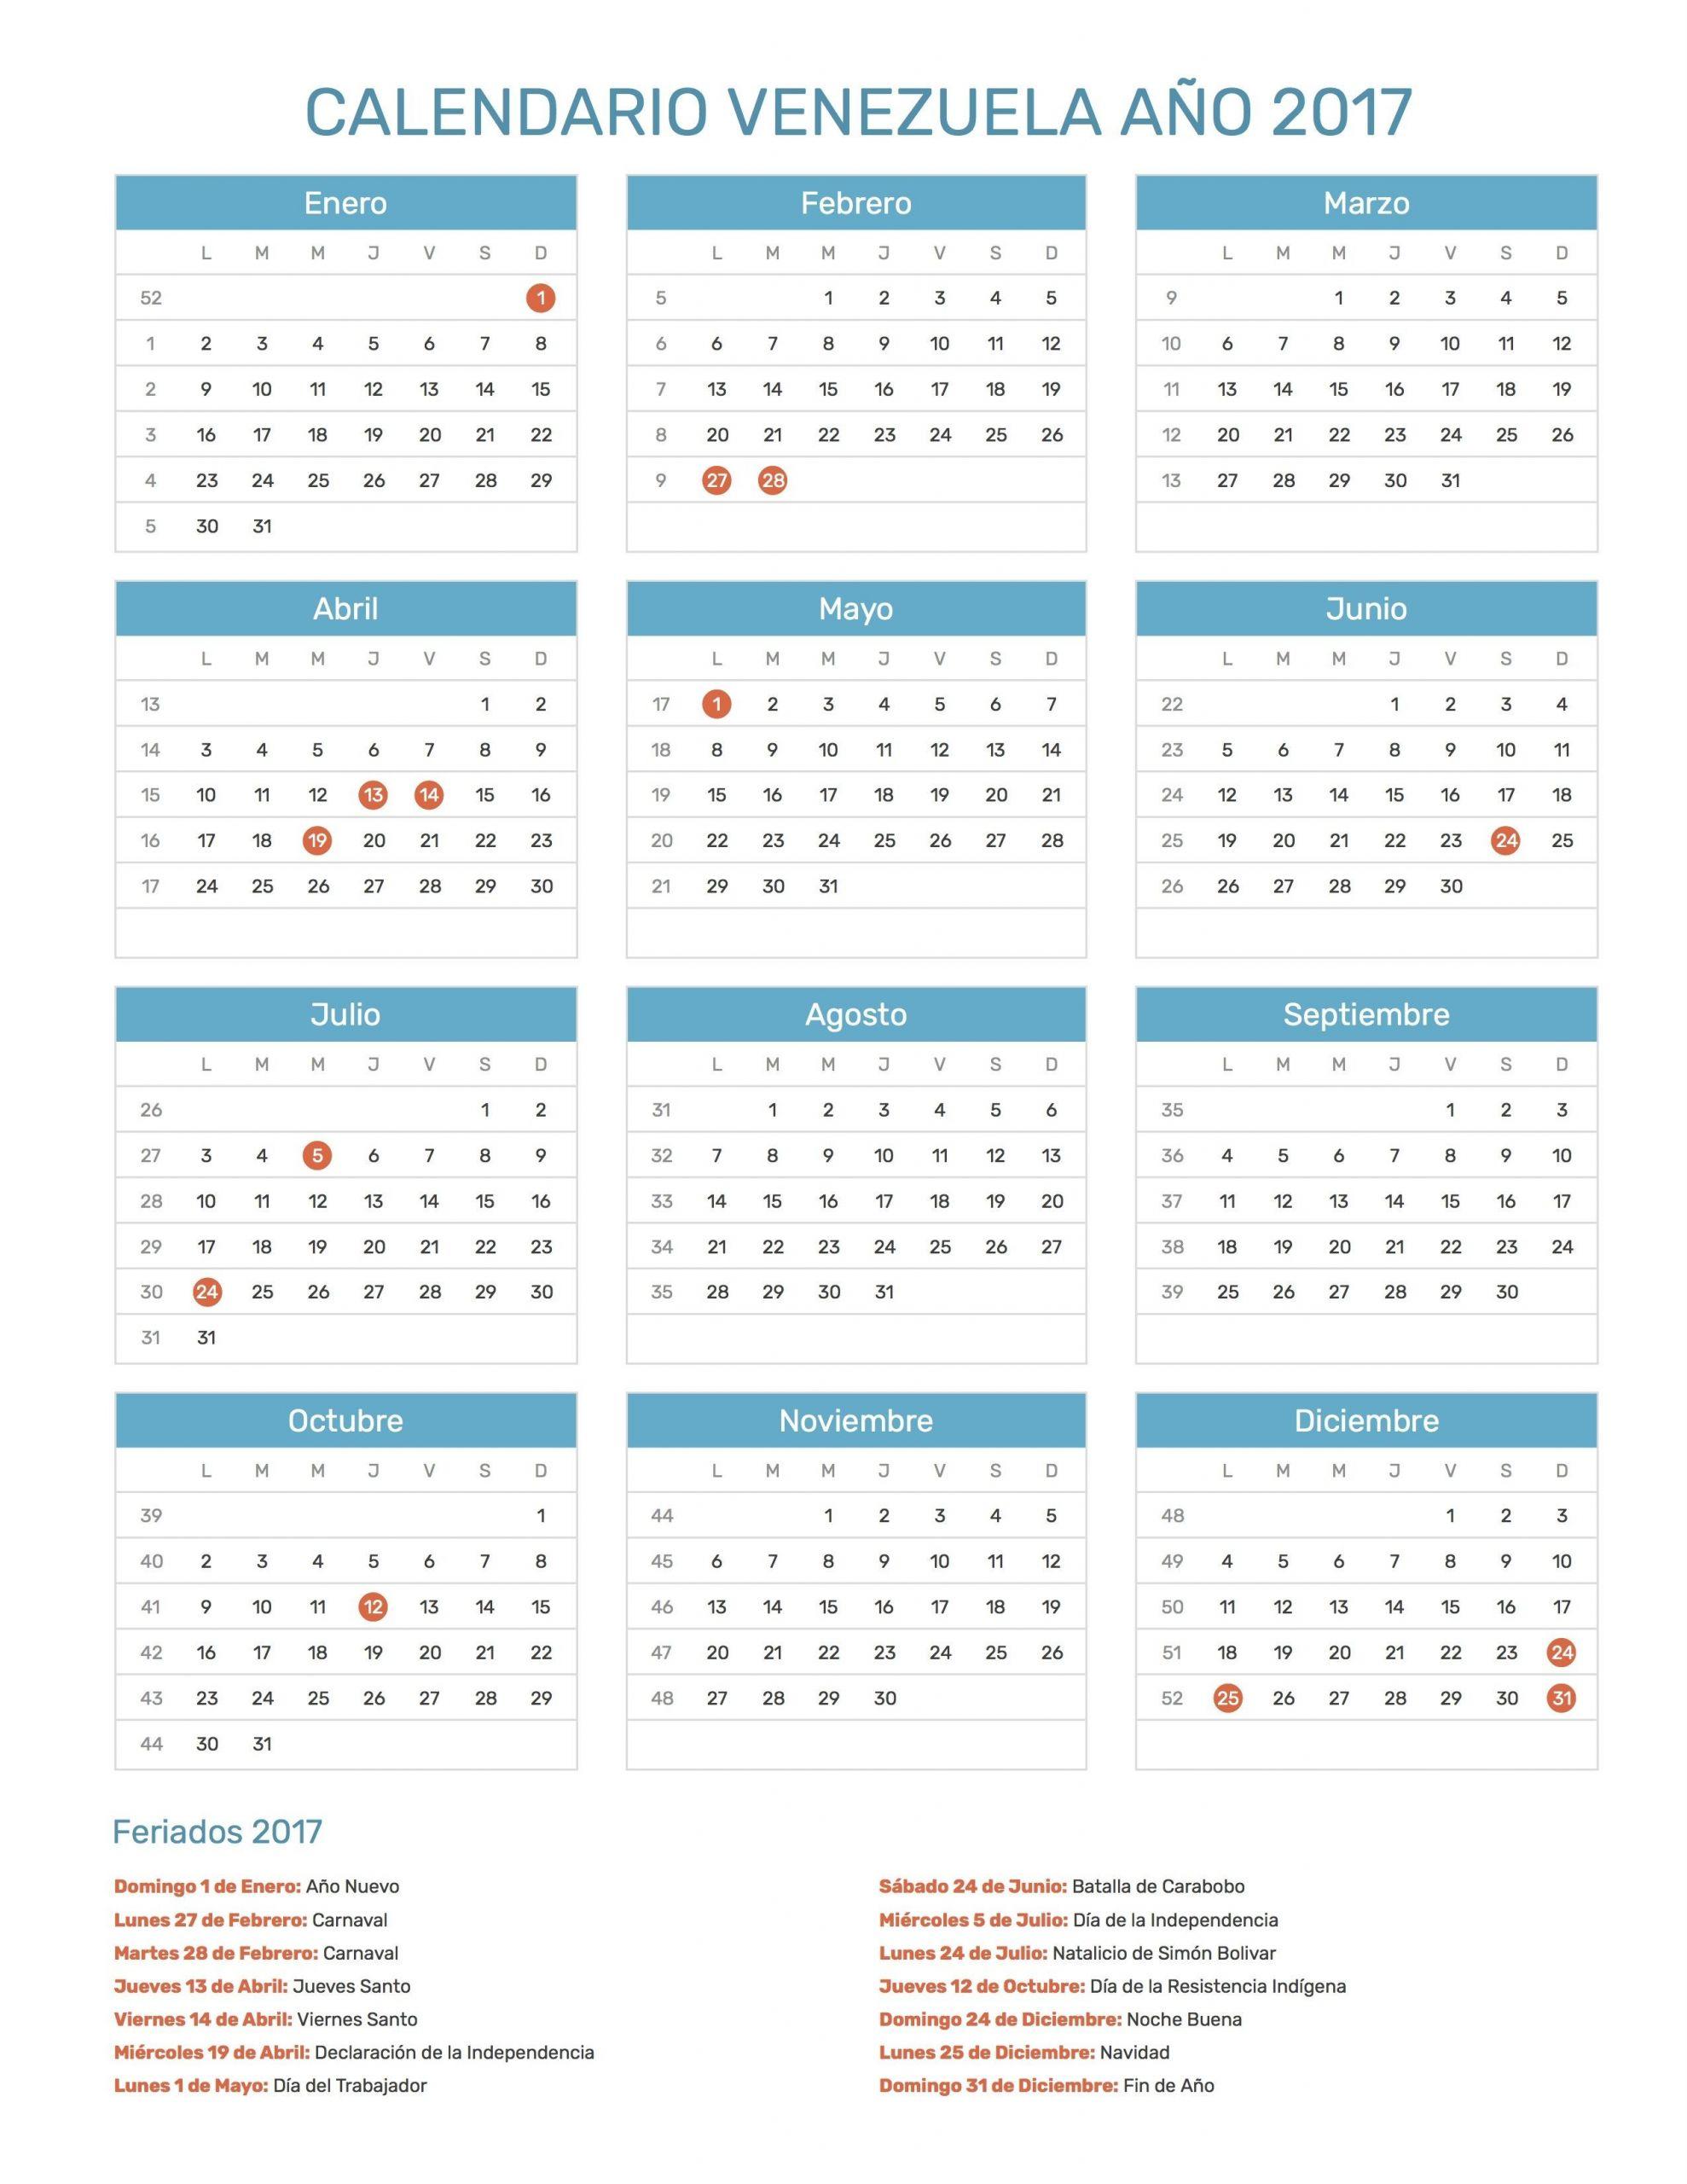 Calendario 2020 Bolivia Con Feriados Para Imprimir Más Actual 15 Mejores Imágenes De Calendario De 2017 Of Calendario 2020 Bolivia Con Feriados Para Imprimir Actual Almanaque 2015 Argentina Para Imprimir Con Feriados New